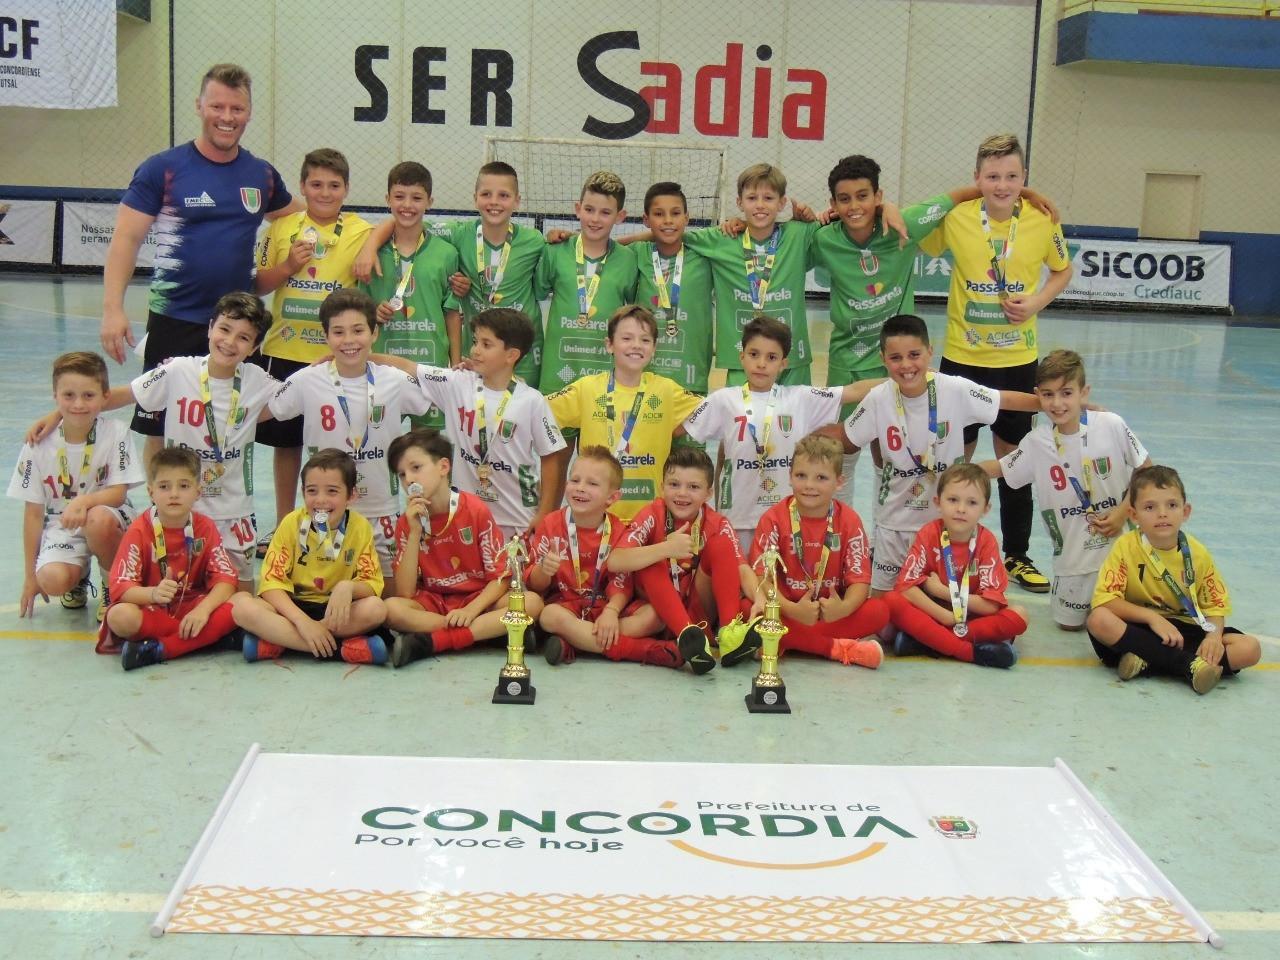 Torneio das Escolinhas de Futsal foi atração na SER Sadia